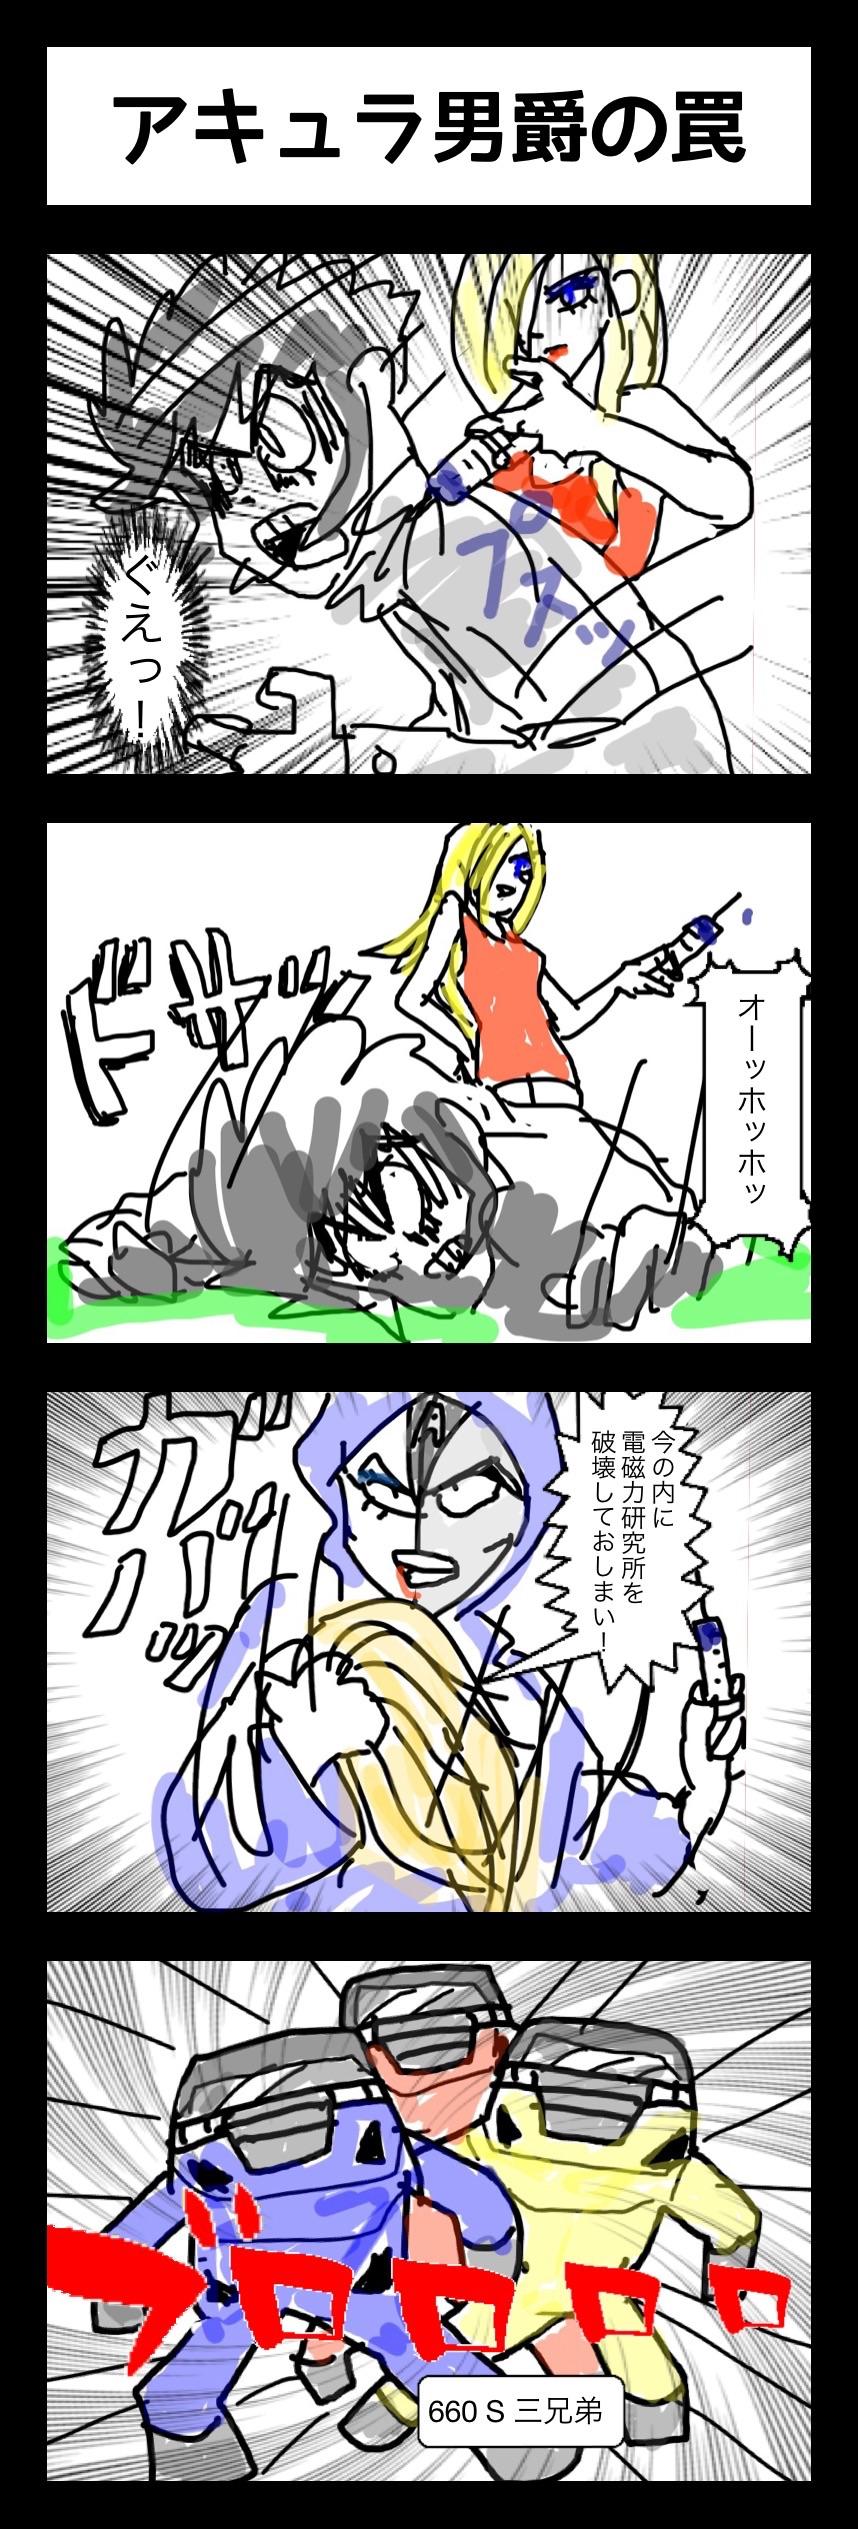 連載4コマ漫画 アトランダーV 第32